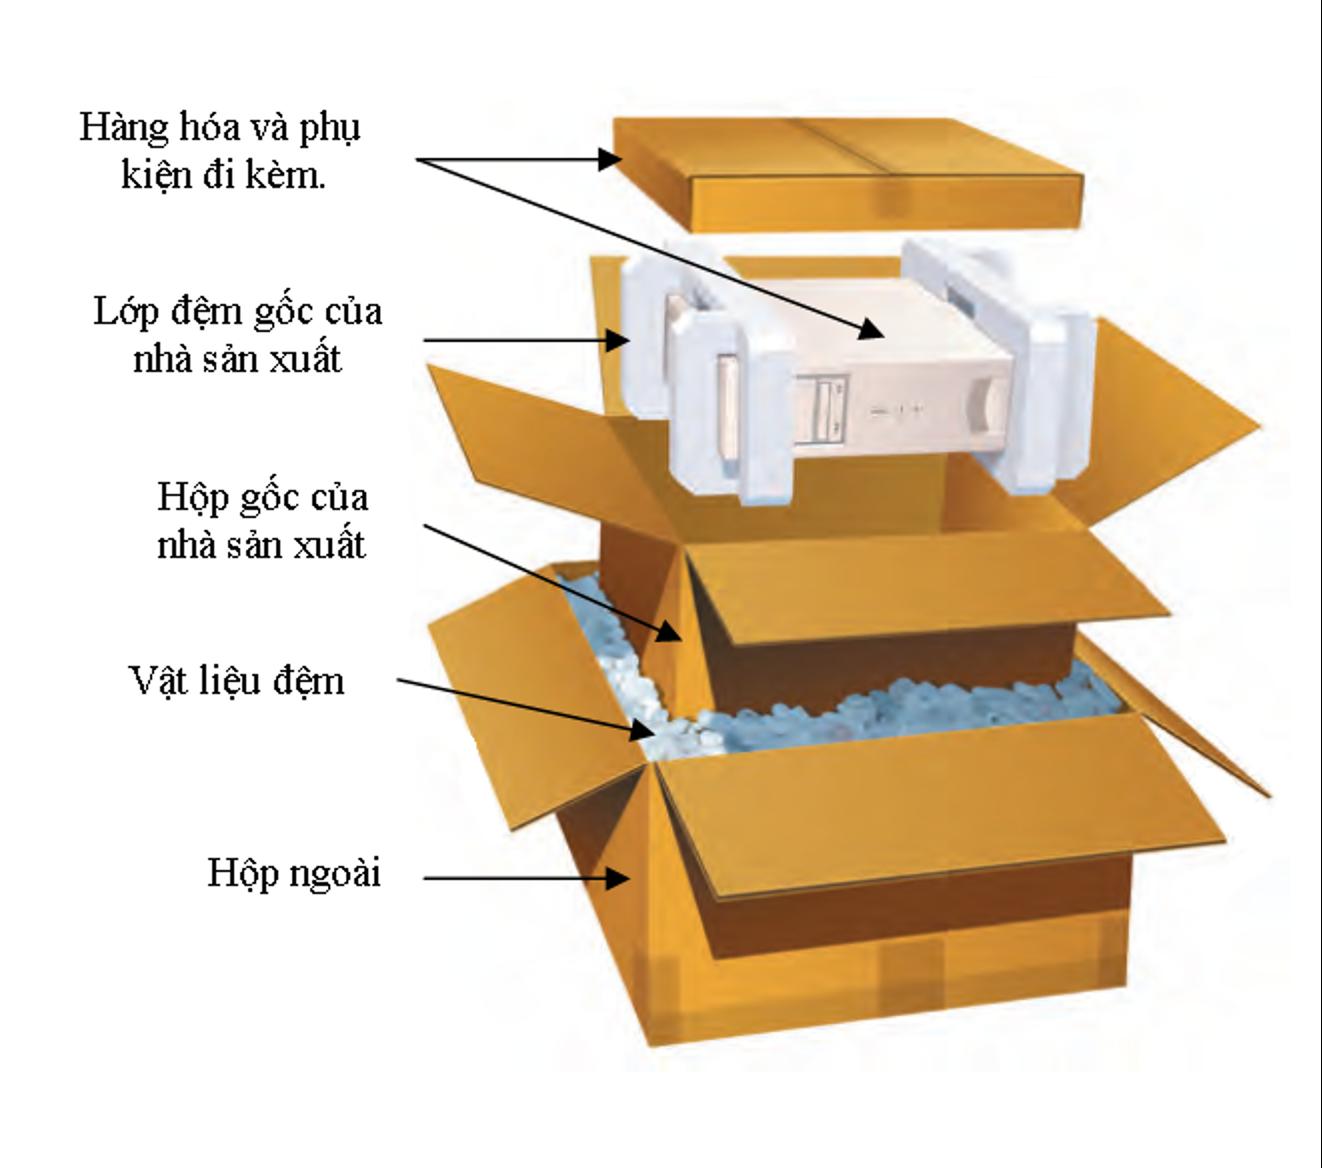 Cách đóng gói hàng linh kiện điện tử chuyển phát nhanh